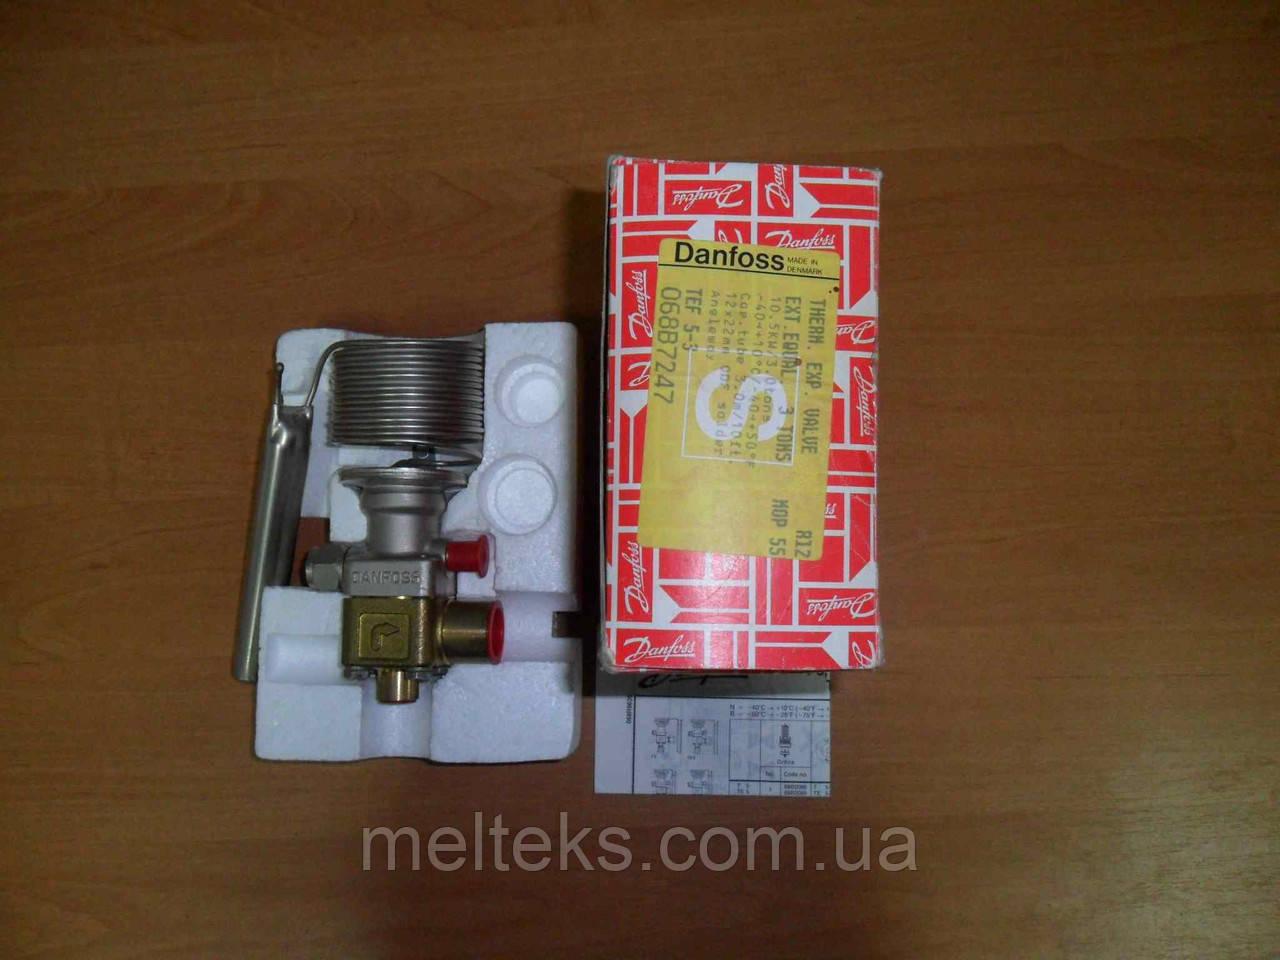 Вентиль Danfoss TEF 5-3 R12